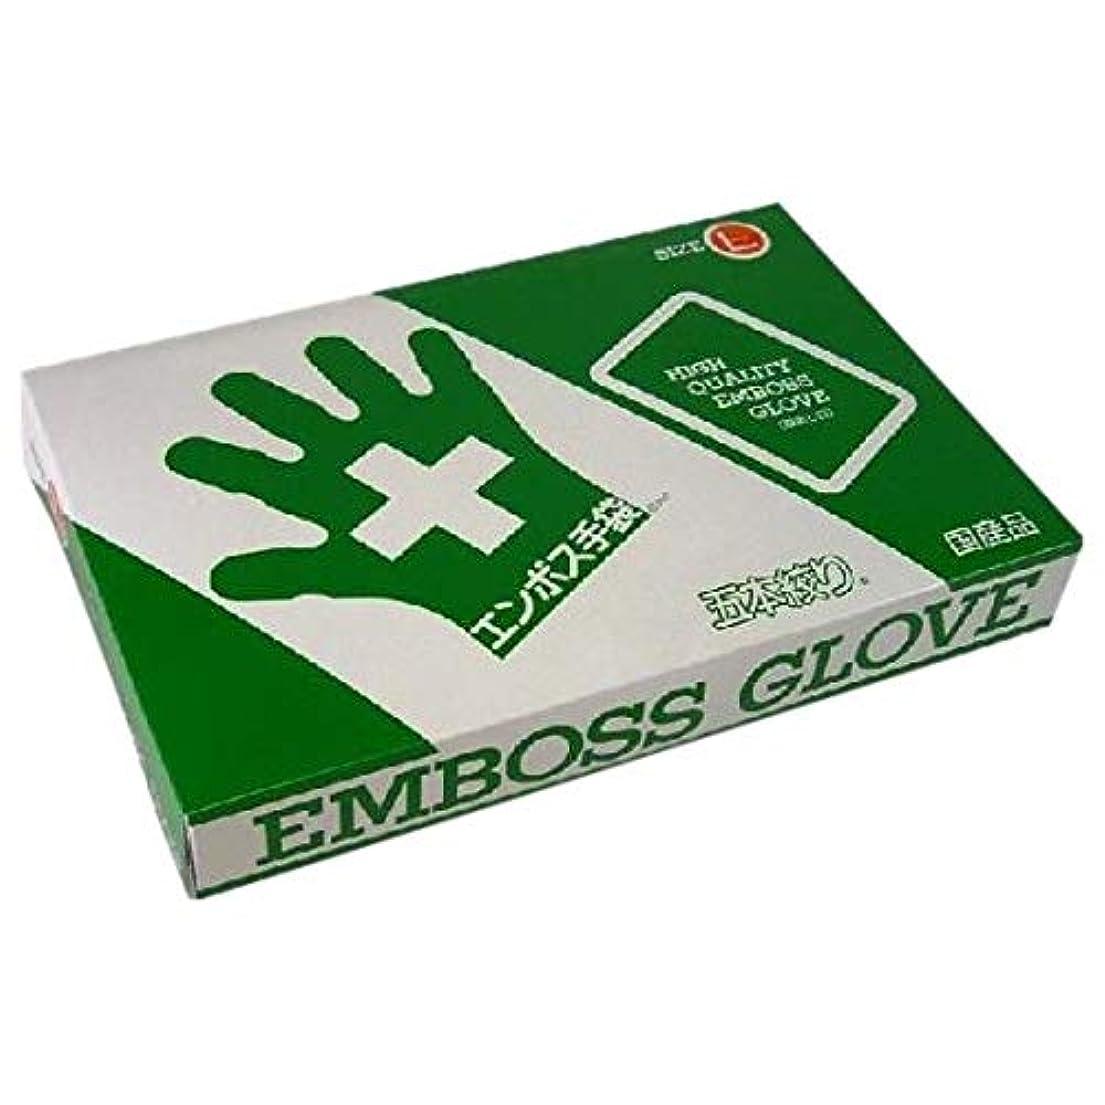 つまずくパキスタンアレルギーエンボス手袋 5本絞り(使い捨て手袋国産品) 東京パック L 200枚入x20箱入り